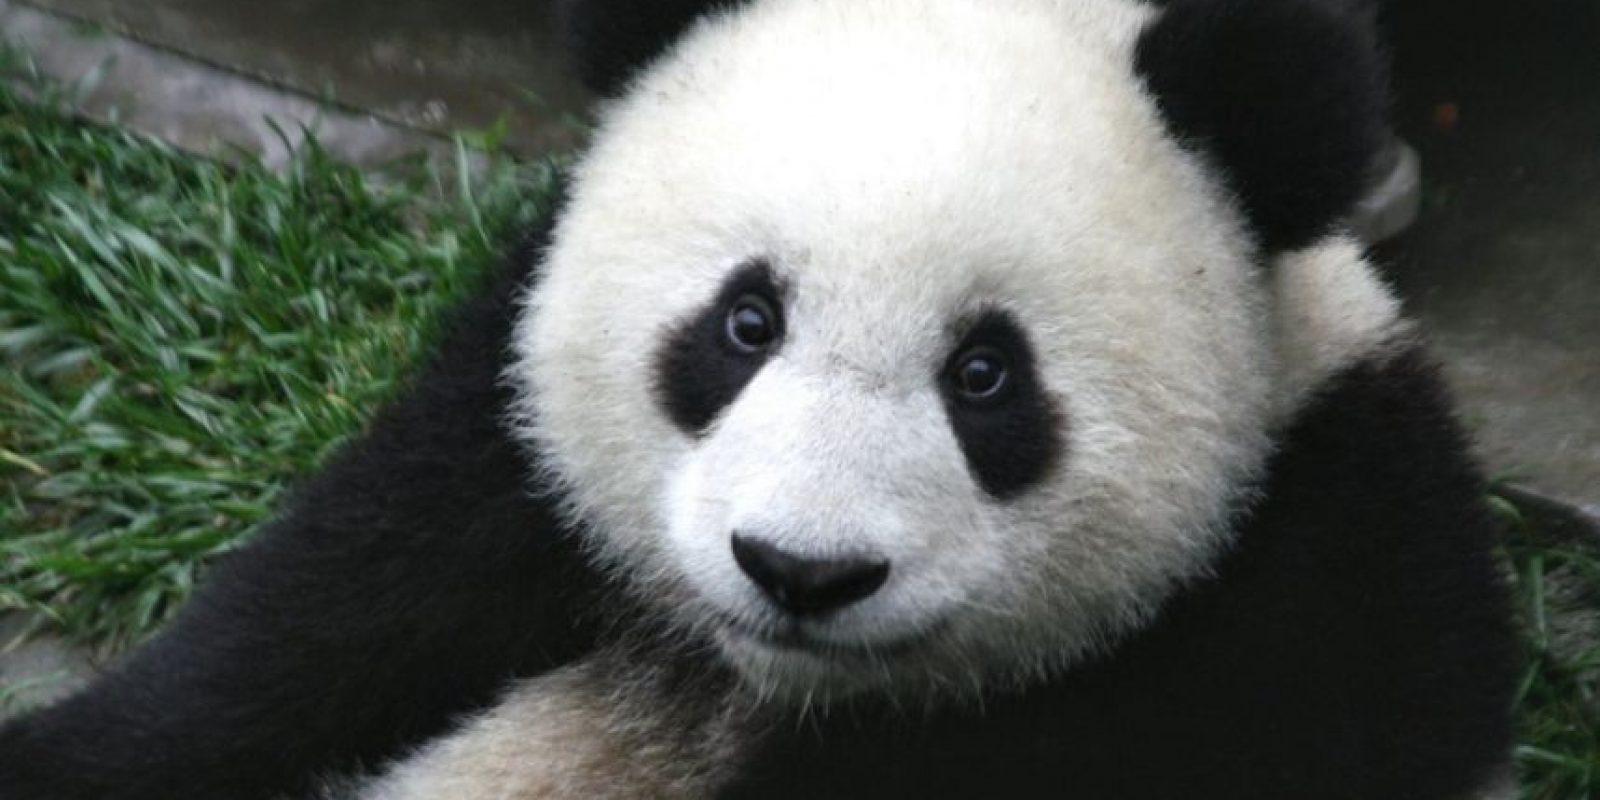 Panda. Su hábitat forestal en las zonas montañosas del suroeste de China está fragmentado, y las poblaciones de panda gigante son pequeñas y aisladas unas de otras. El bambú, alimento básico de los pandas, también es parte de un delicado ecosistema que podría verse afectado por los cambios causados por el calentamiento global. Foto:Fuente externa